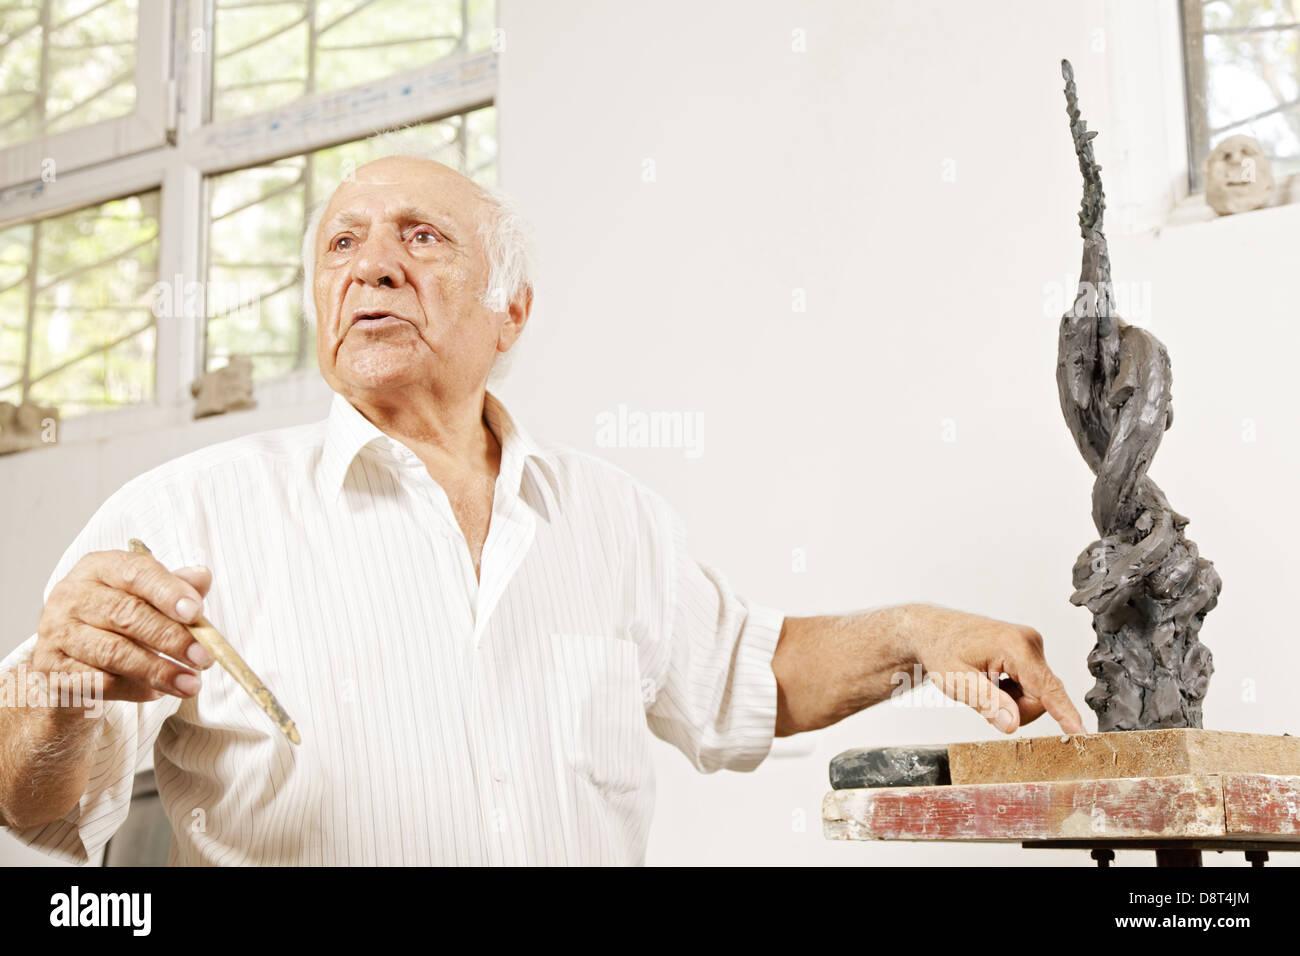 Senior sculptor describing his sculpture - Stock Image